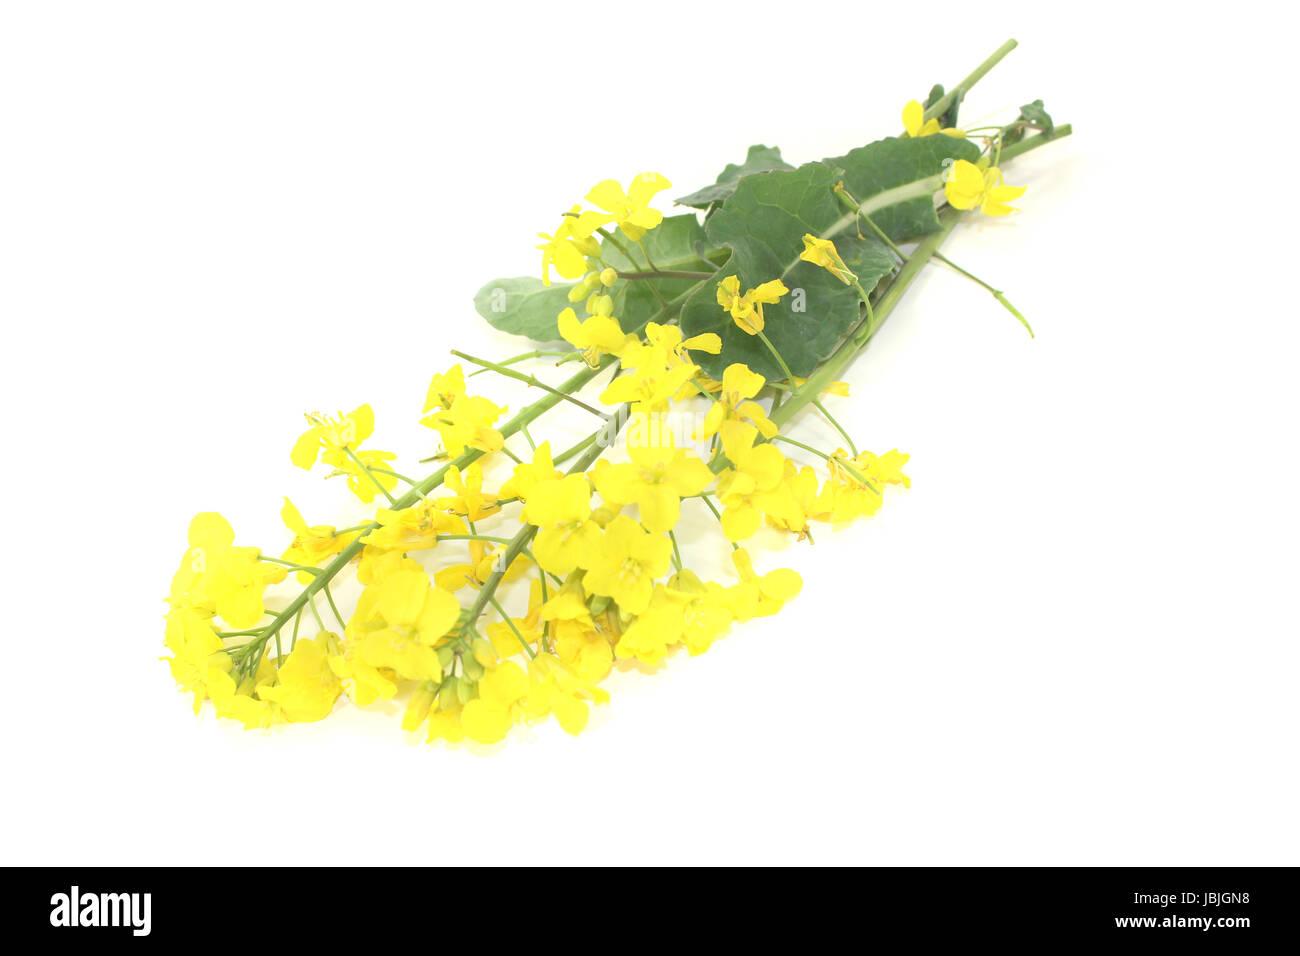 gelbe Rapsblüten vor hellem Hintergrund Stock Photo